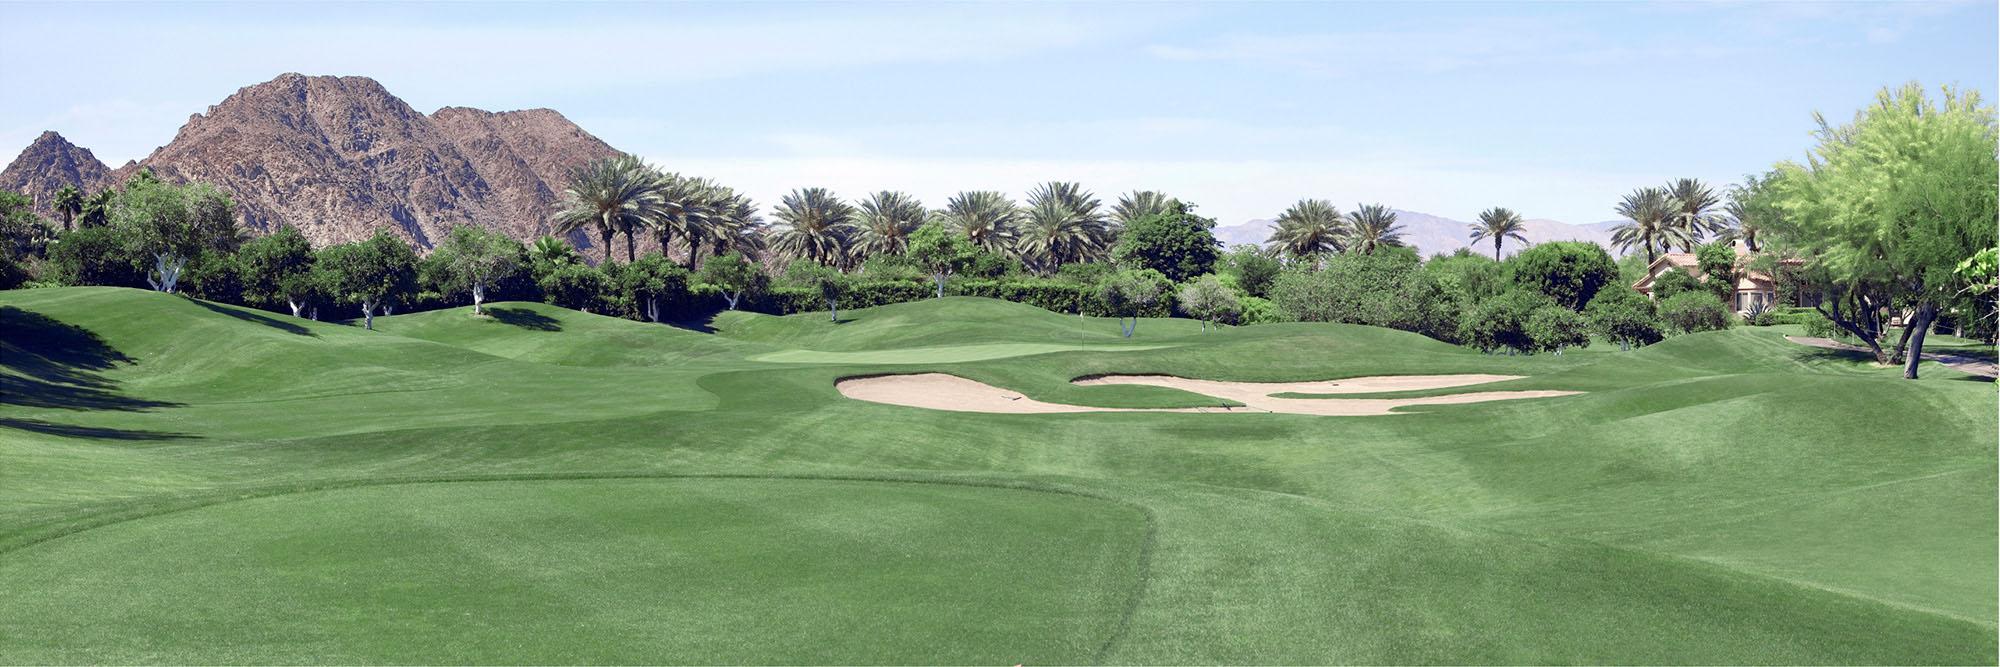 Golf Course Image - Rancho La Quinta Jones No. 4